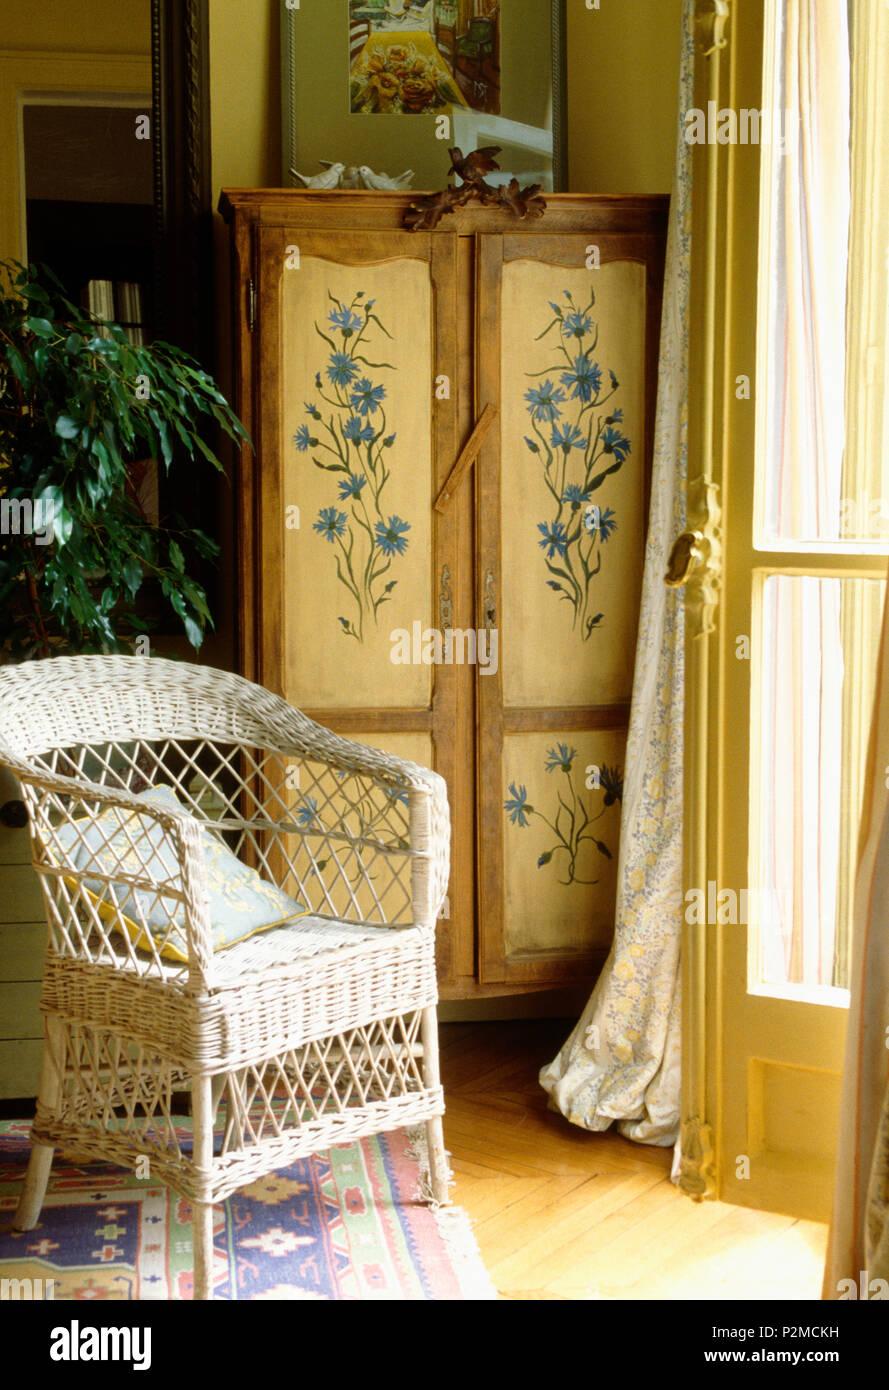 Poltrone Vimini Vintage.Poltrona In Vimini E Decorativamente Vintage Verniciato